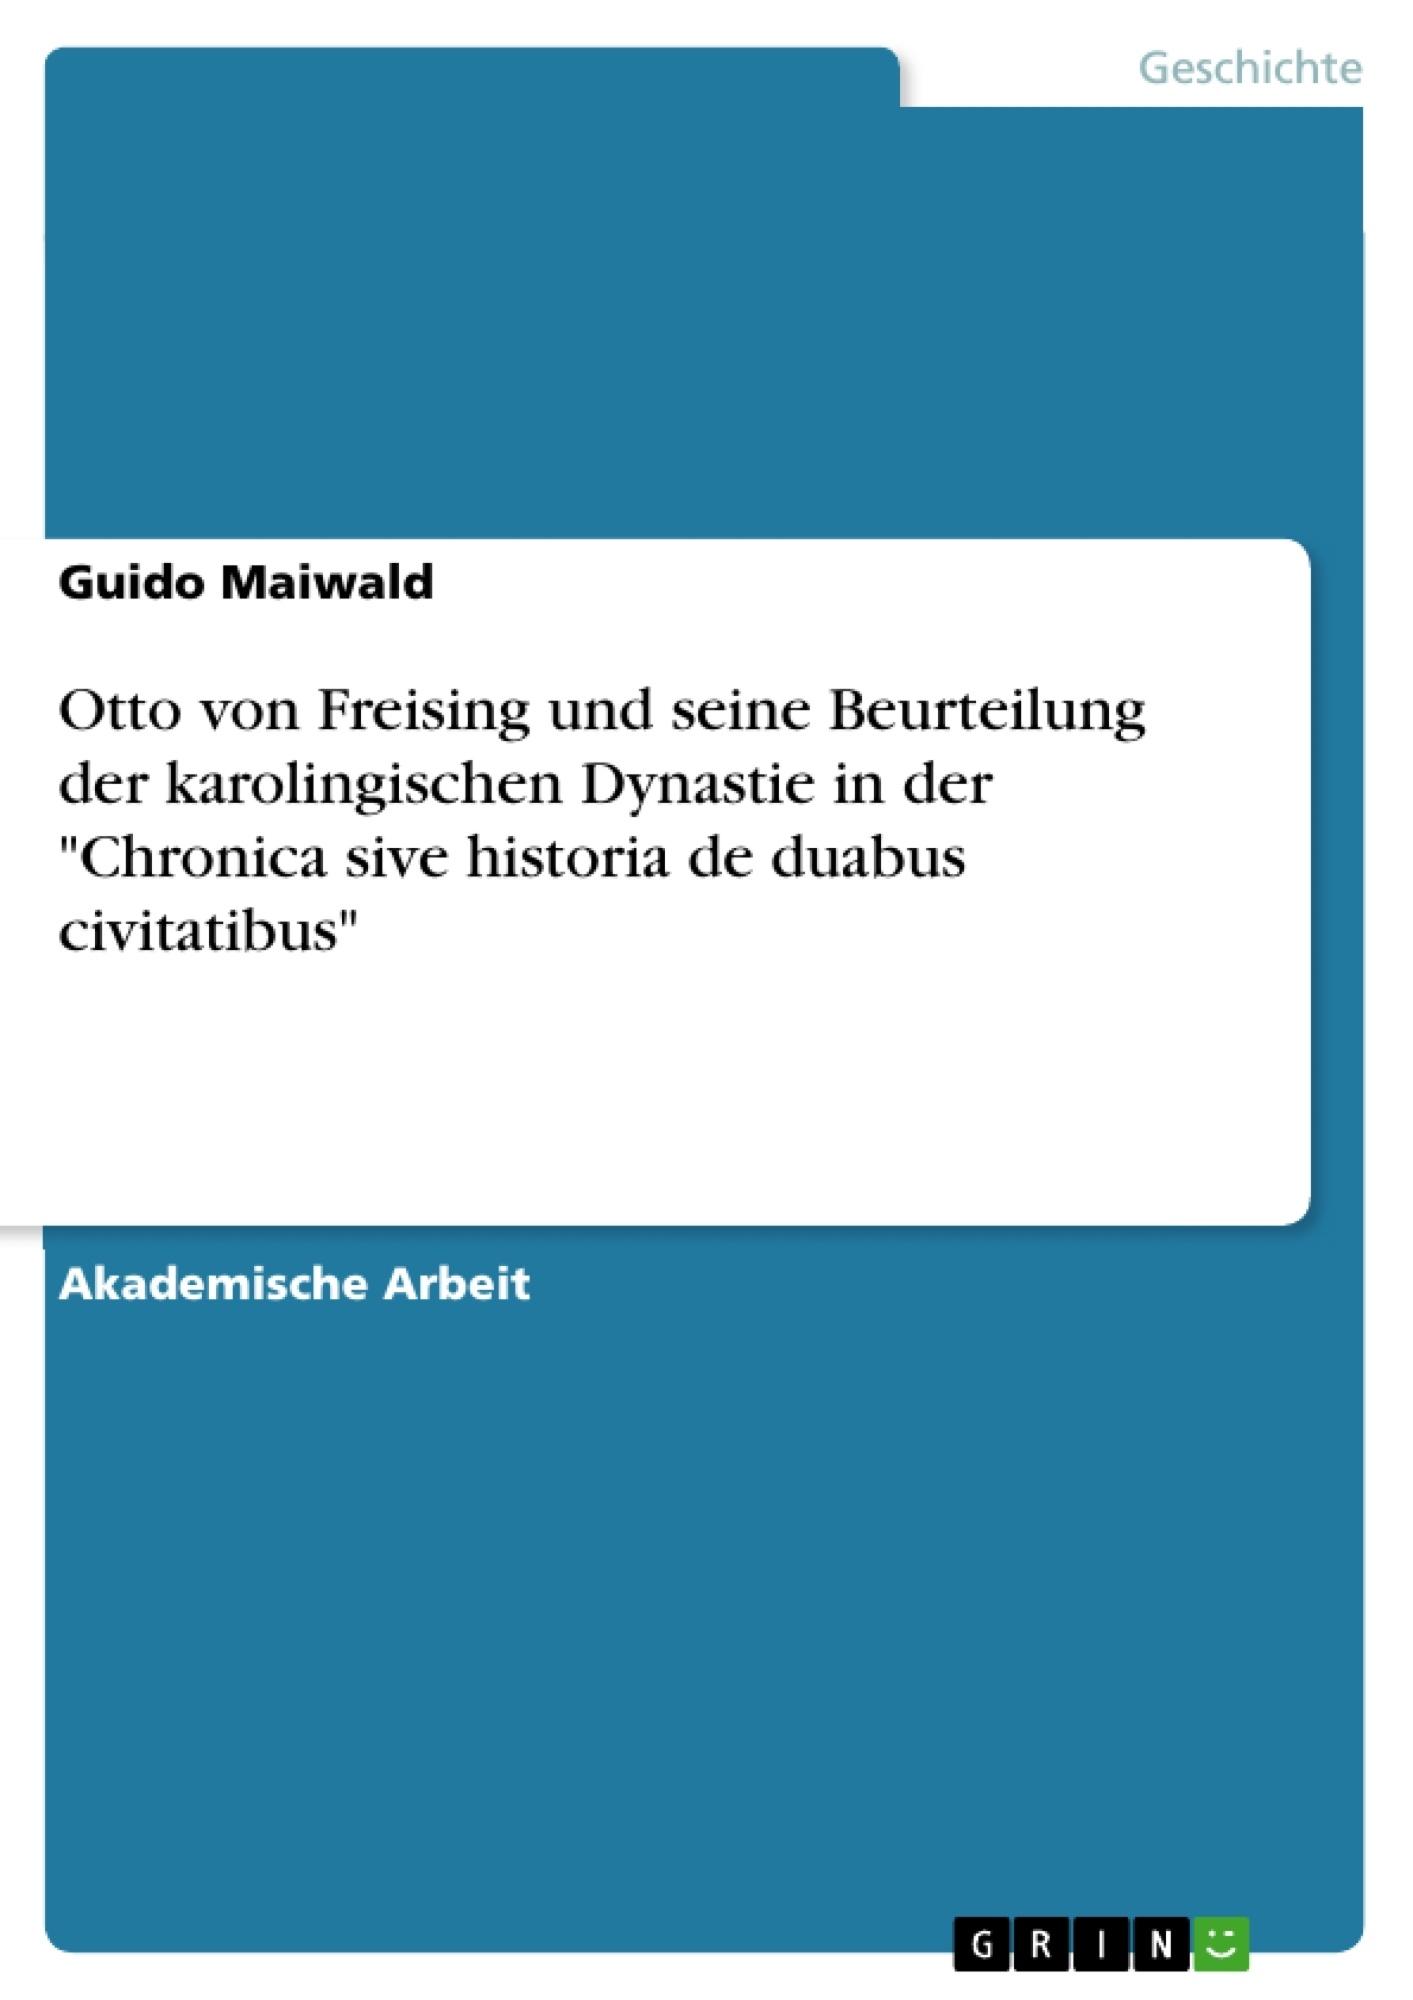 """Titel: Otto von Freising  und seine Beurteilung der karolingischen Dynastie in der """"Chronica sive historia de duabus civitatibus"""""""